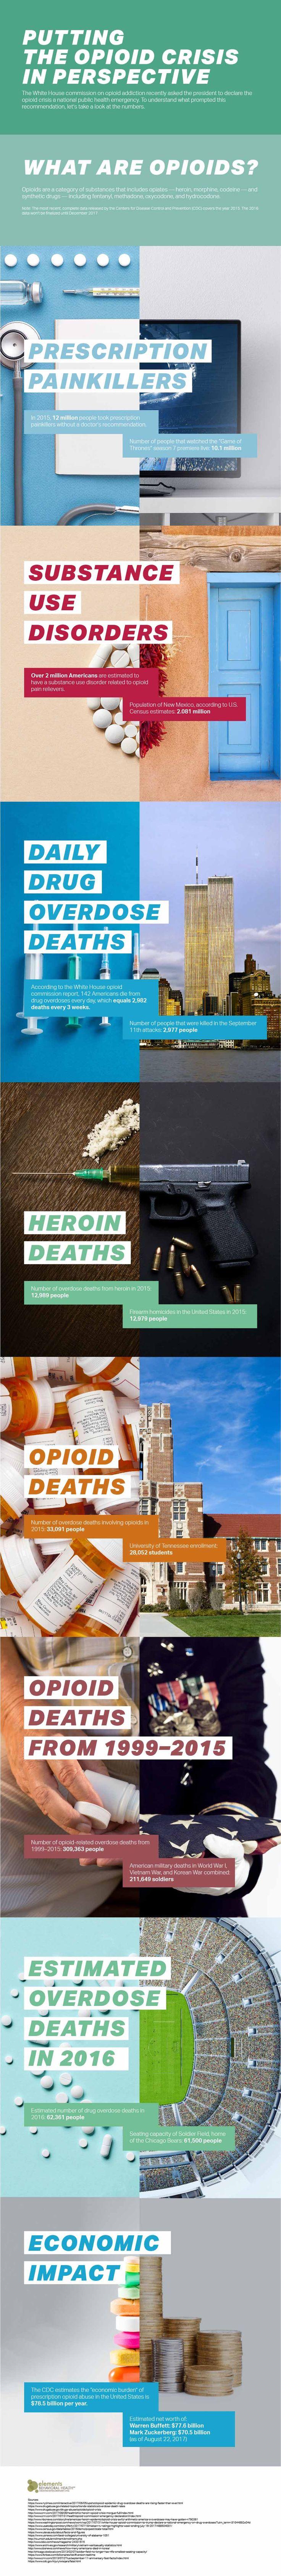 Opioid crisis statistics